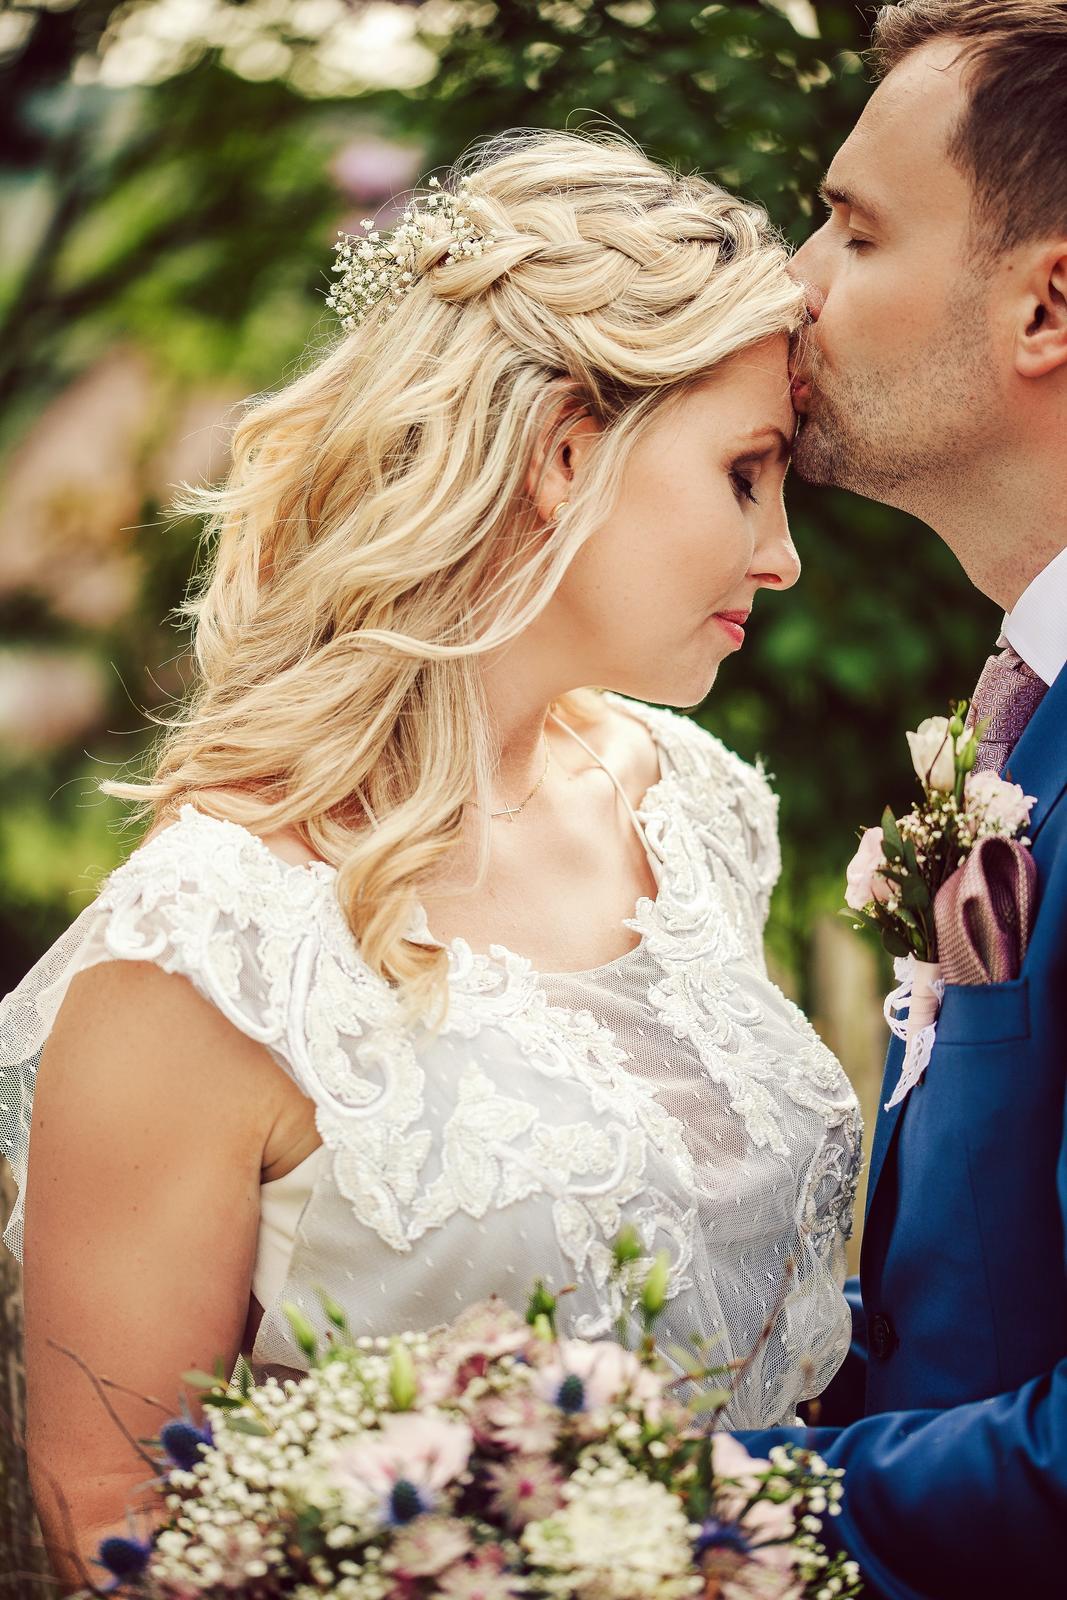 Vizážistka Simeona Lanta | Svatební líčení a účes | Farma Blaník - Obrázek č. 3